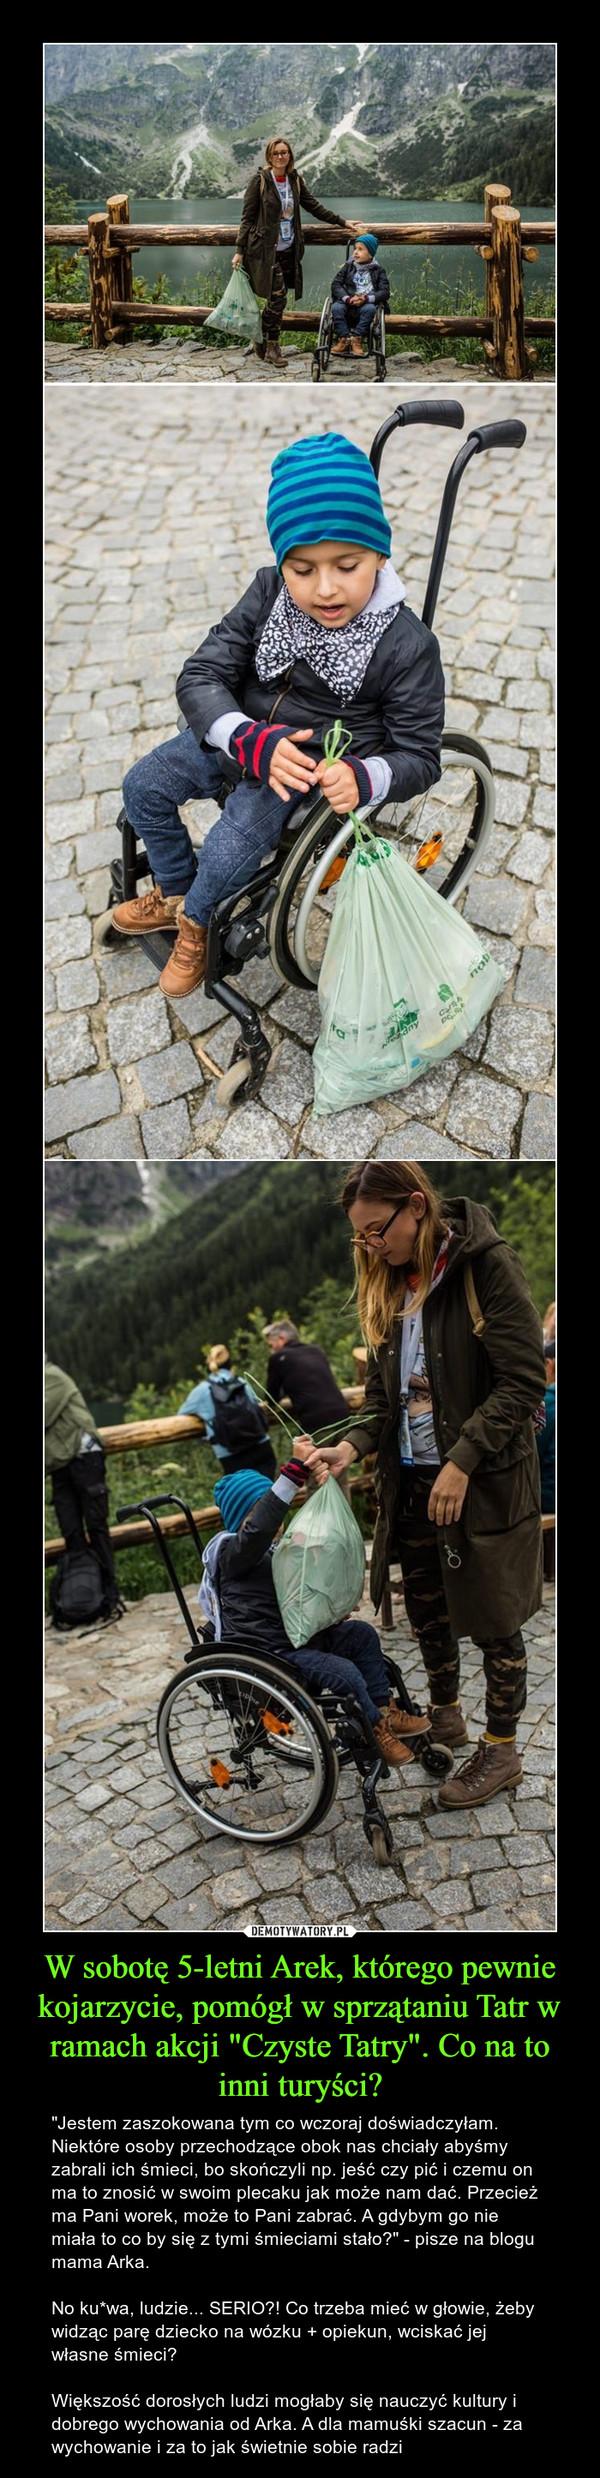 """W sobotę 5-letni Arek, którego pewnie kojarzycie, pomógł w sprzątaniu Tatr w ramach akcji """"Czyste Tatry"""". Co na to inni turyści? – """"Jestem zaszokowana tym co wczoraj doświadczyłam. Niektóre osoby przechodzące obok nas chciały abyśmy zabrali ich śmieci, bo skończyli np. jeść czy pić i czemu on ma to znosić w swoim plecaku jak może nam dać. Przecież ma Pani worek, może to Pani zabrać. A gdybym go nie miała to co by się z tymi śmieciami stało?"""" - pisze na blogu mama Arka.No ku*wa, ludzie... SERIO?! Co trzeba mieć w głowie, żeby widząc parę dziecko na wózku + opiekun, wciskać jej własne śmieci?Większość dorosłych ludzi mogłaby się nauczyć kultury i dobrego wychowania od Arka. A dla mamuśki szacun - za wychowanie i za to jak świetnie sobie radzi"""